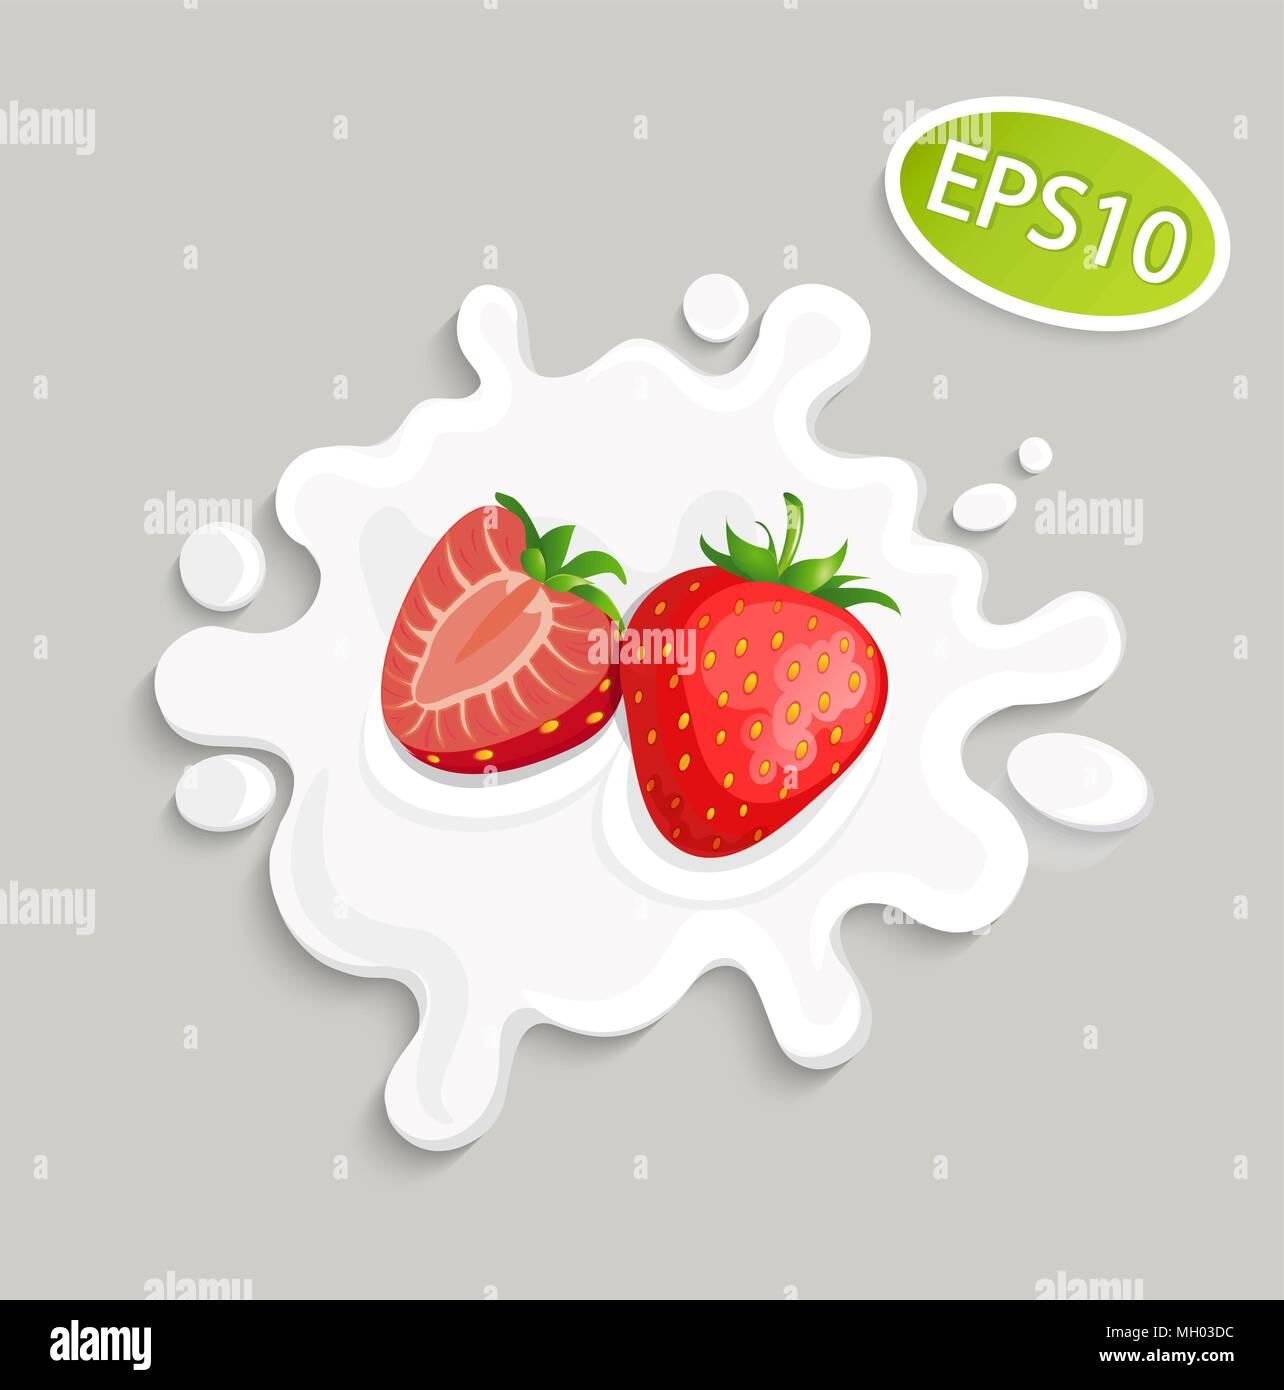 Salpicaduras de leche con sabor a fresa para logo, plantilla ...